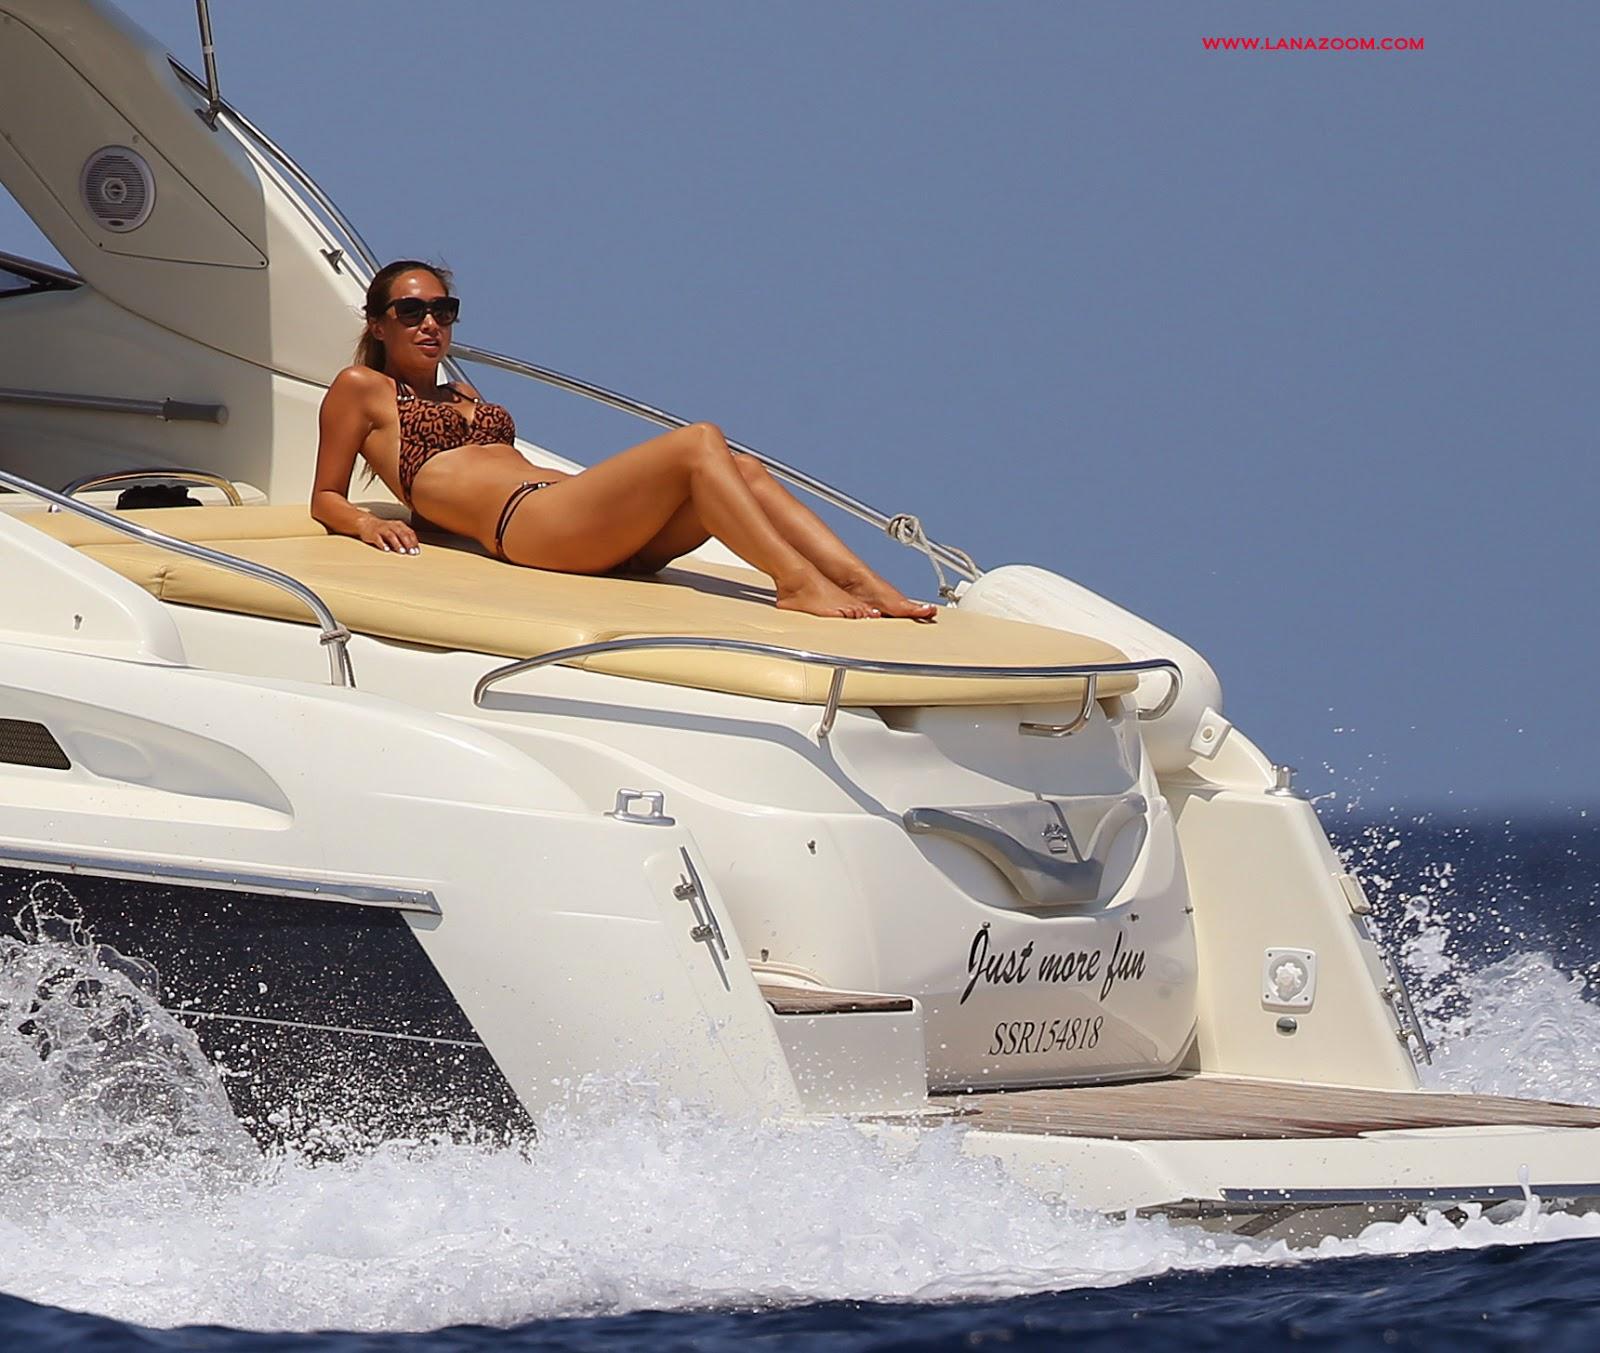 ميلاني كلاس بالبكيني على متن قارب في إيبيزا